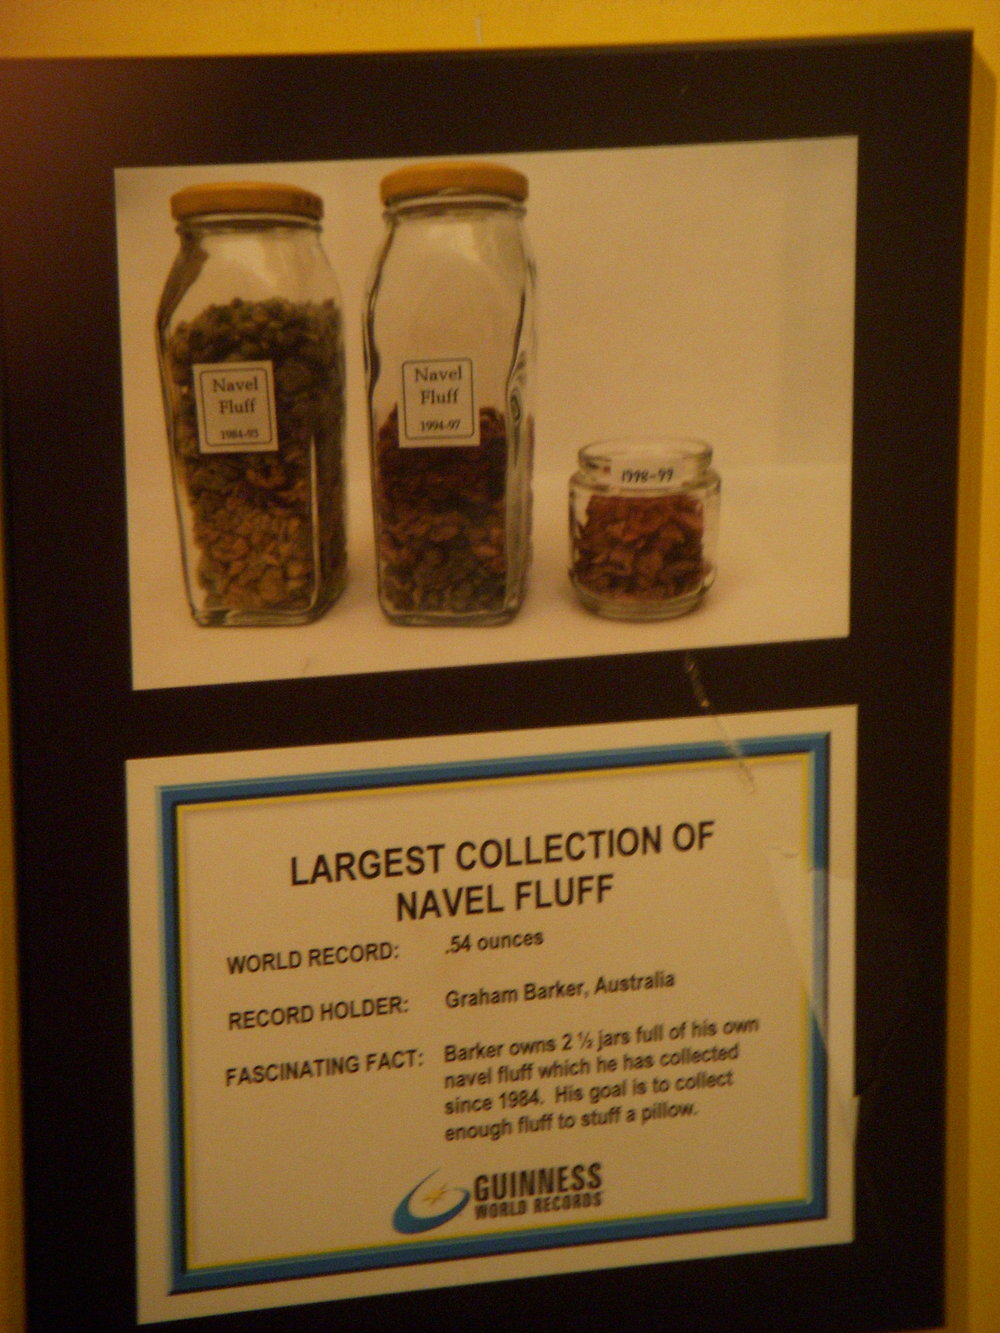 Navel fluff